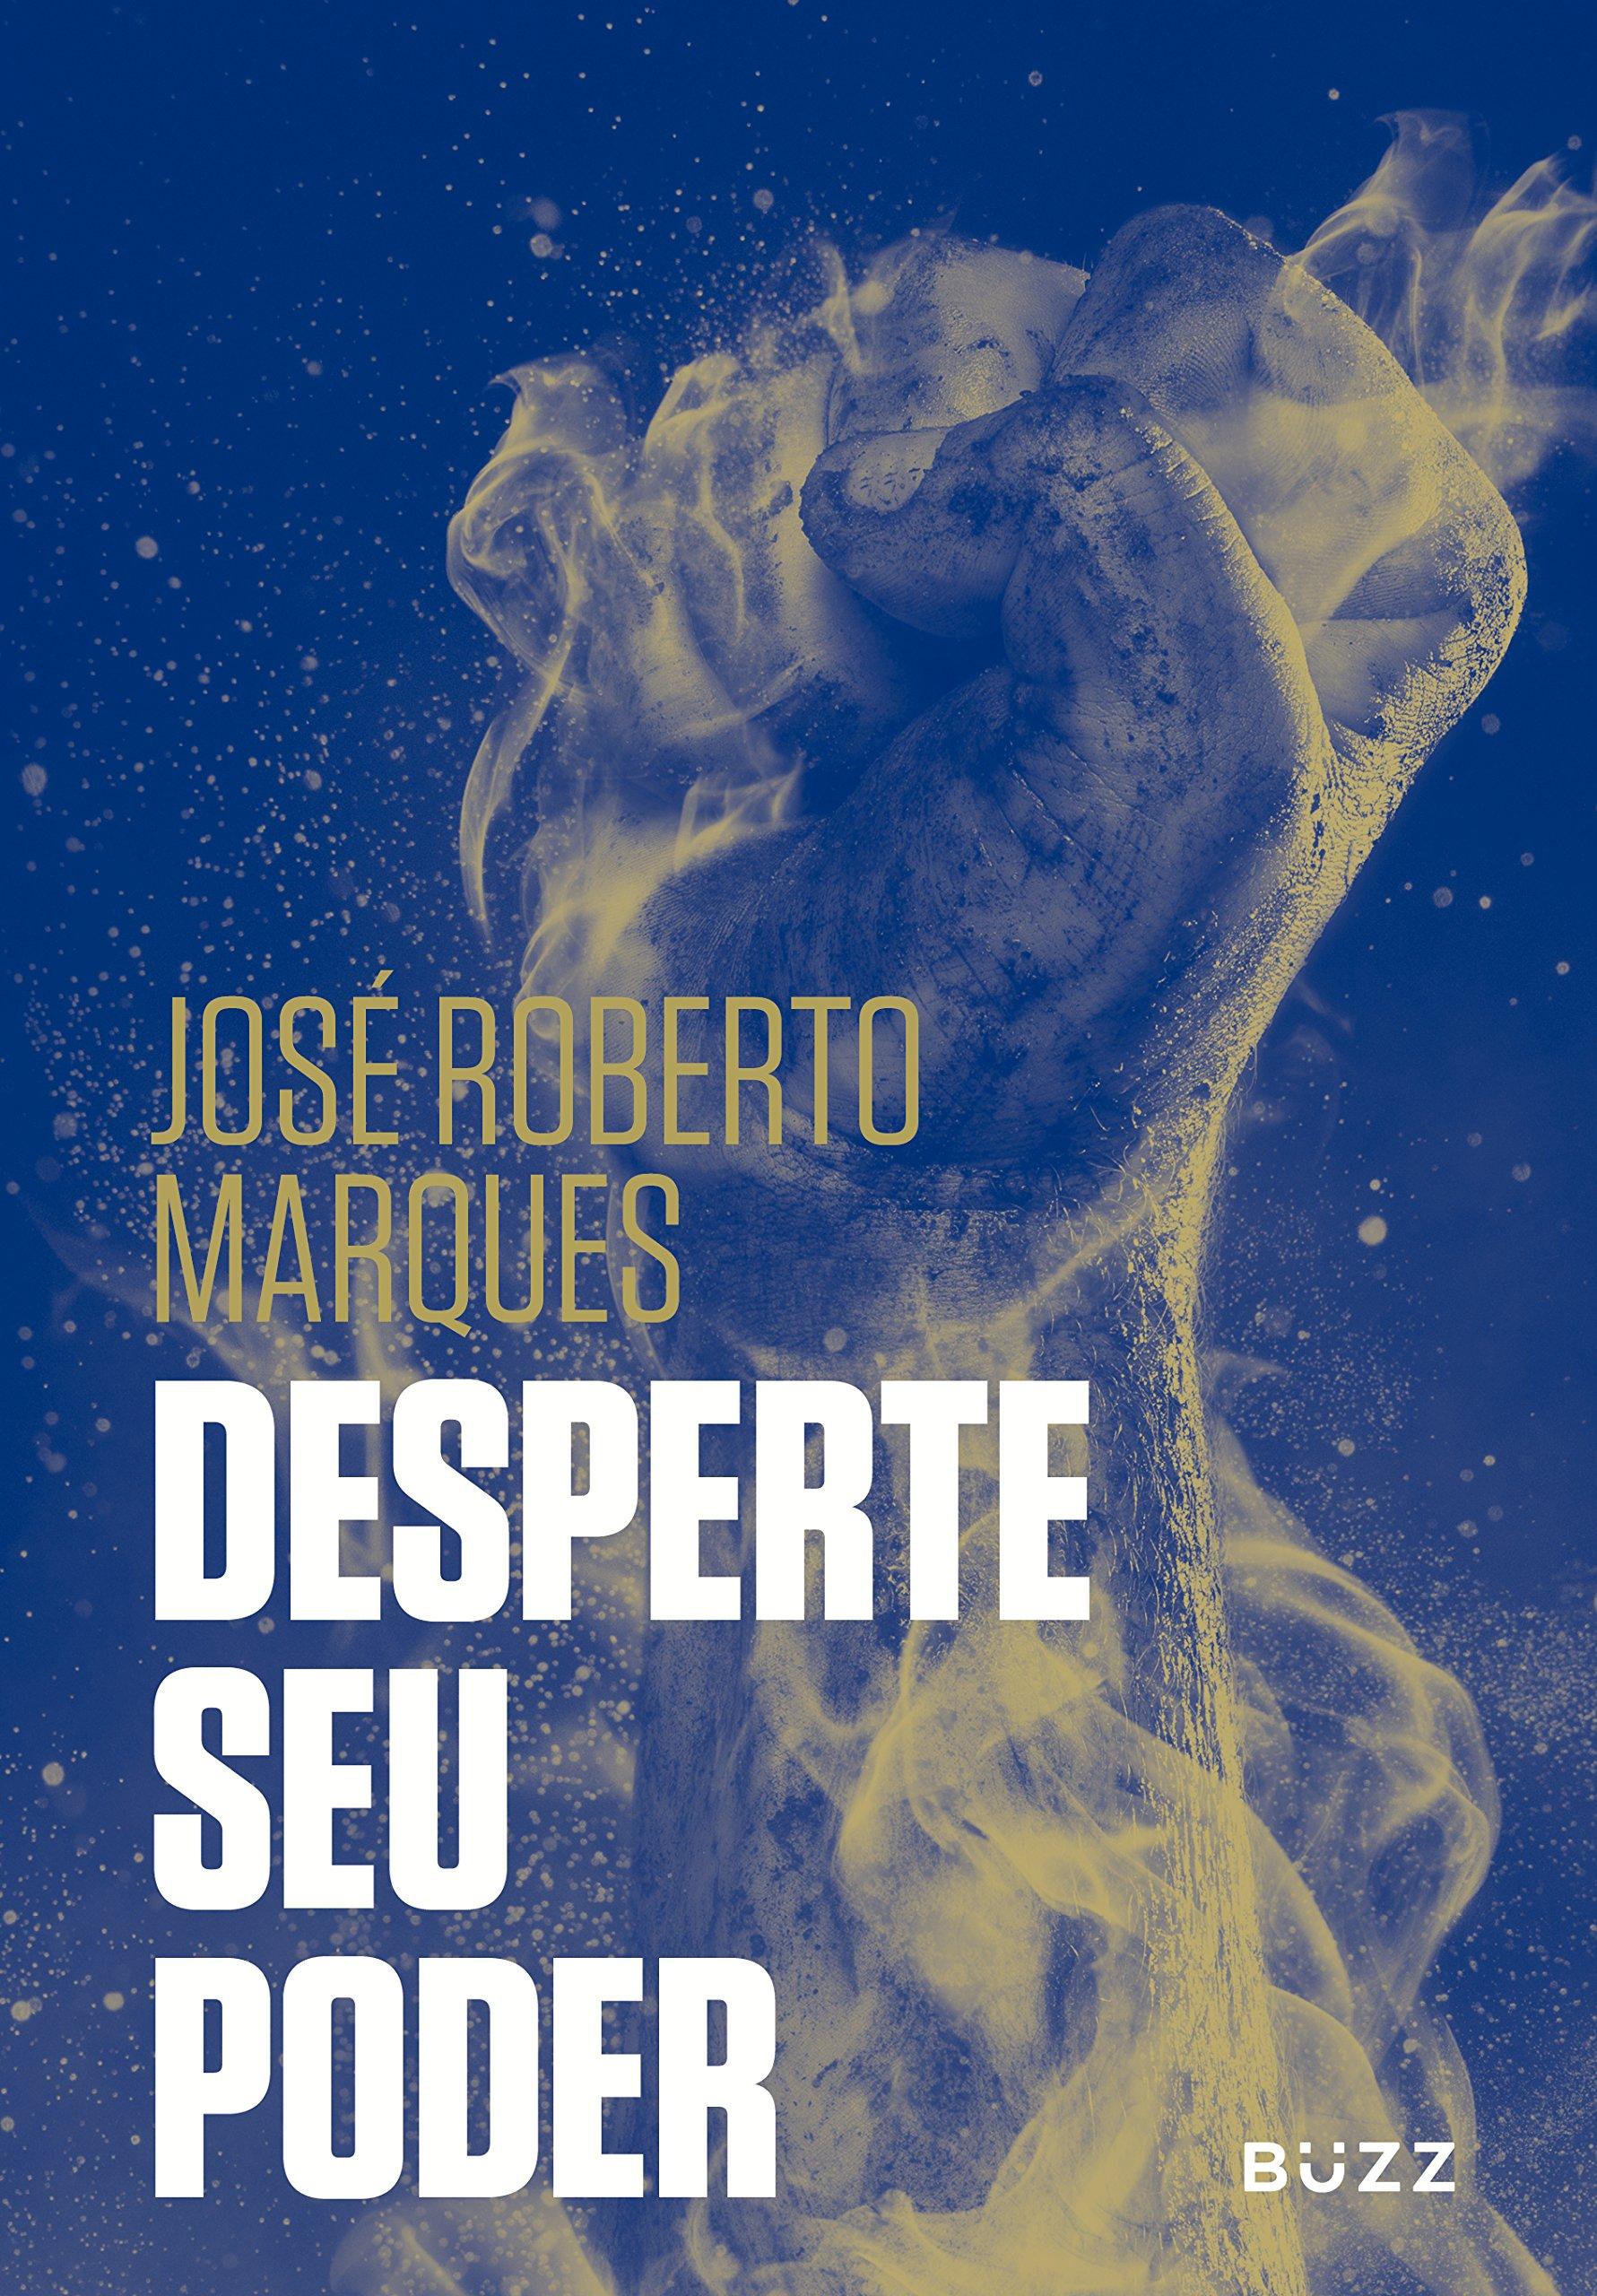 Desperte Seu Poder 9788593156281 Livros Na Amazon Brasil